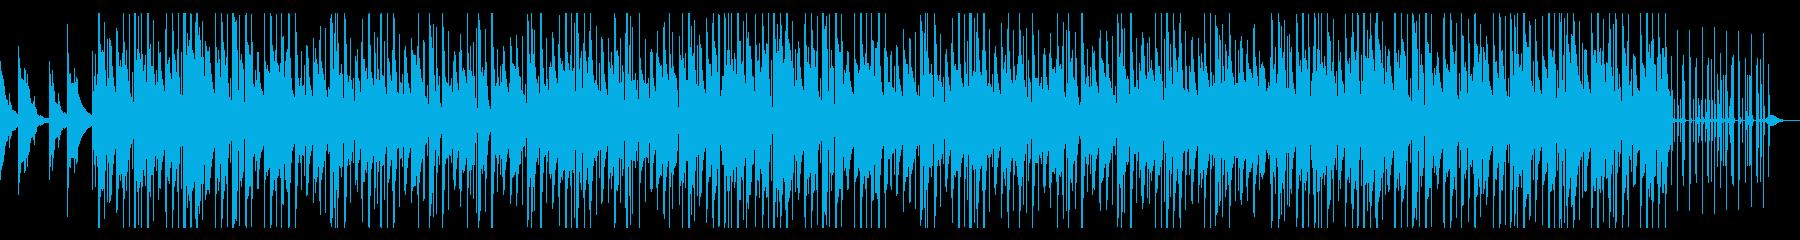 CM等に おしゃれなヒップホップ効果音無の再生済みの波形